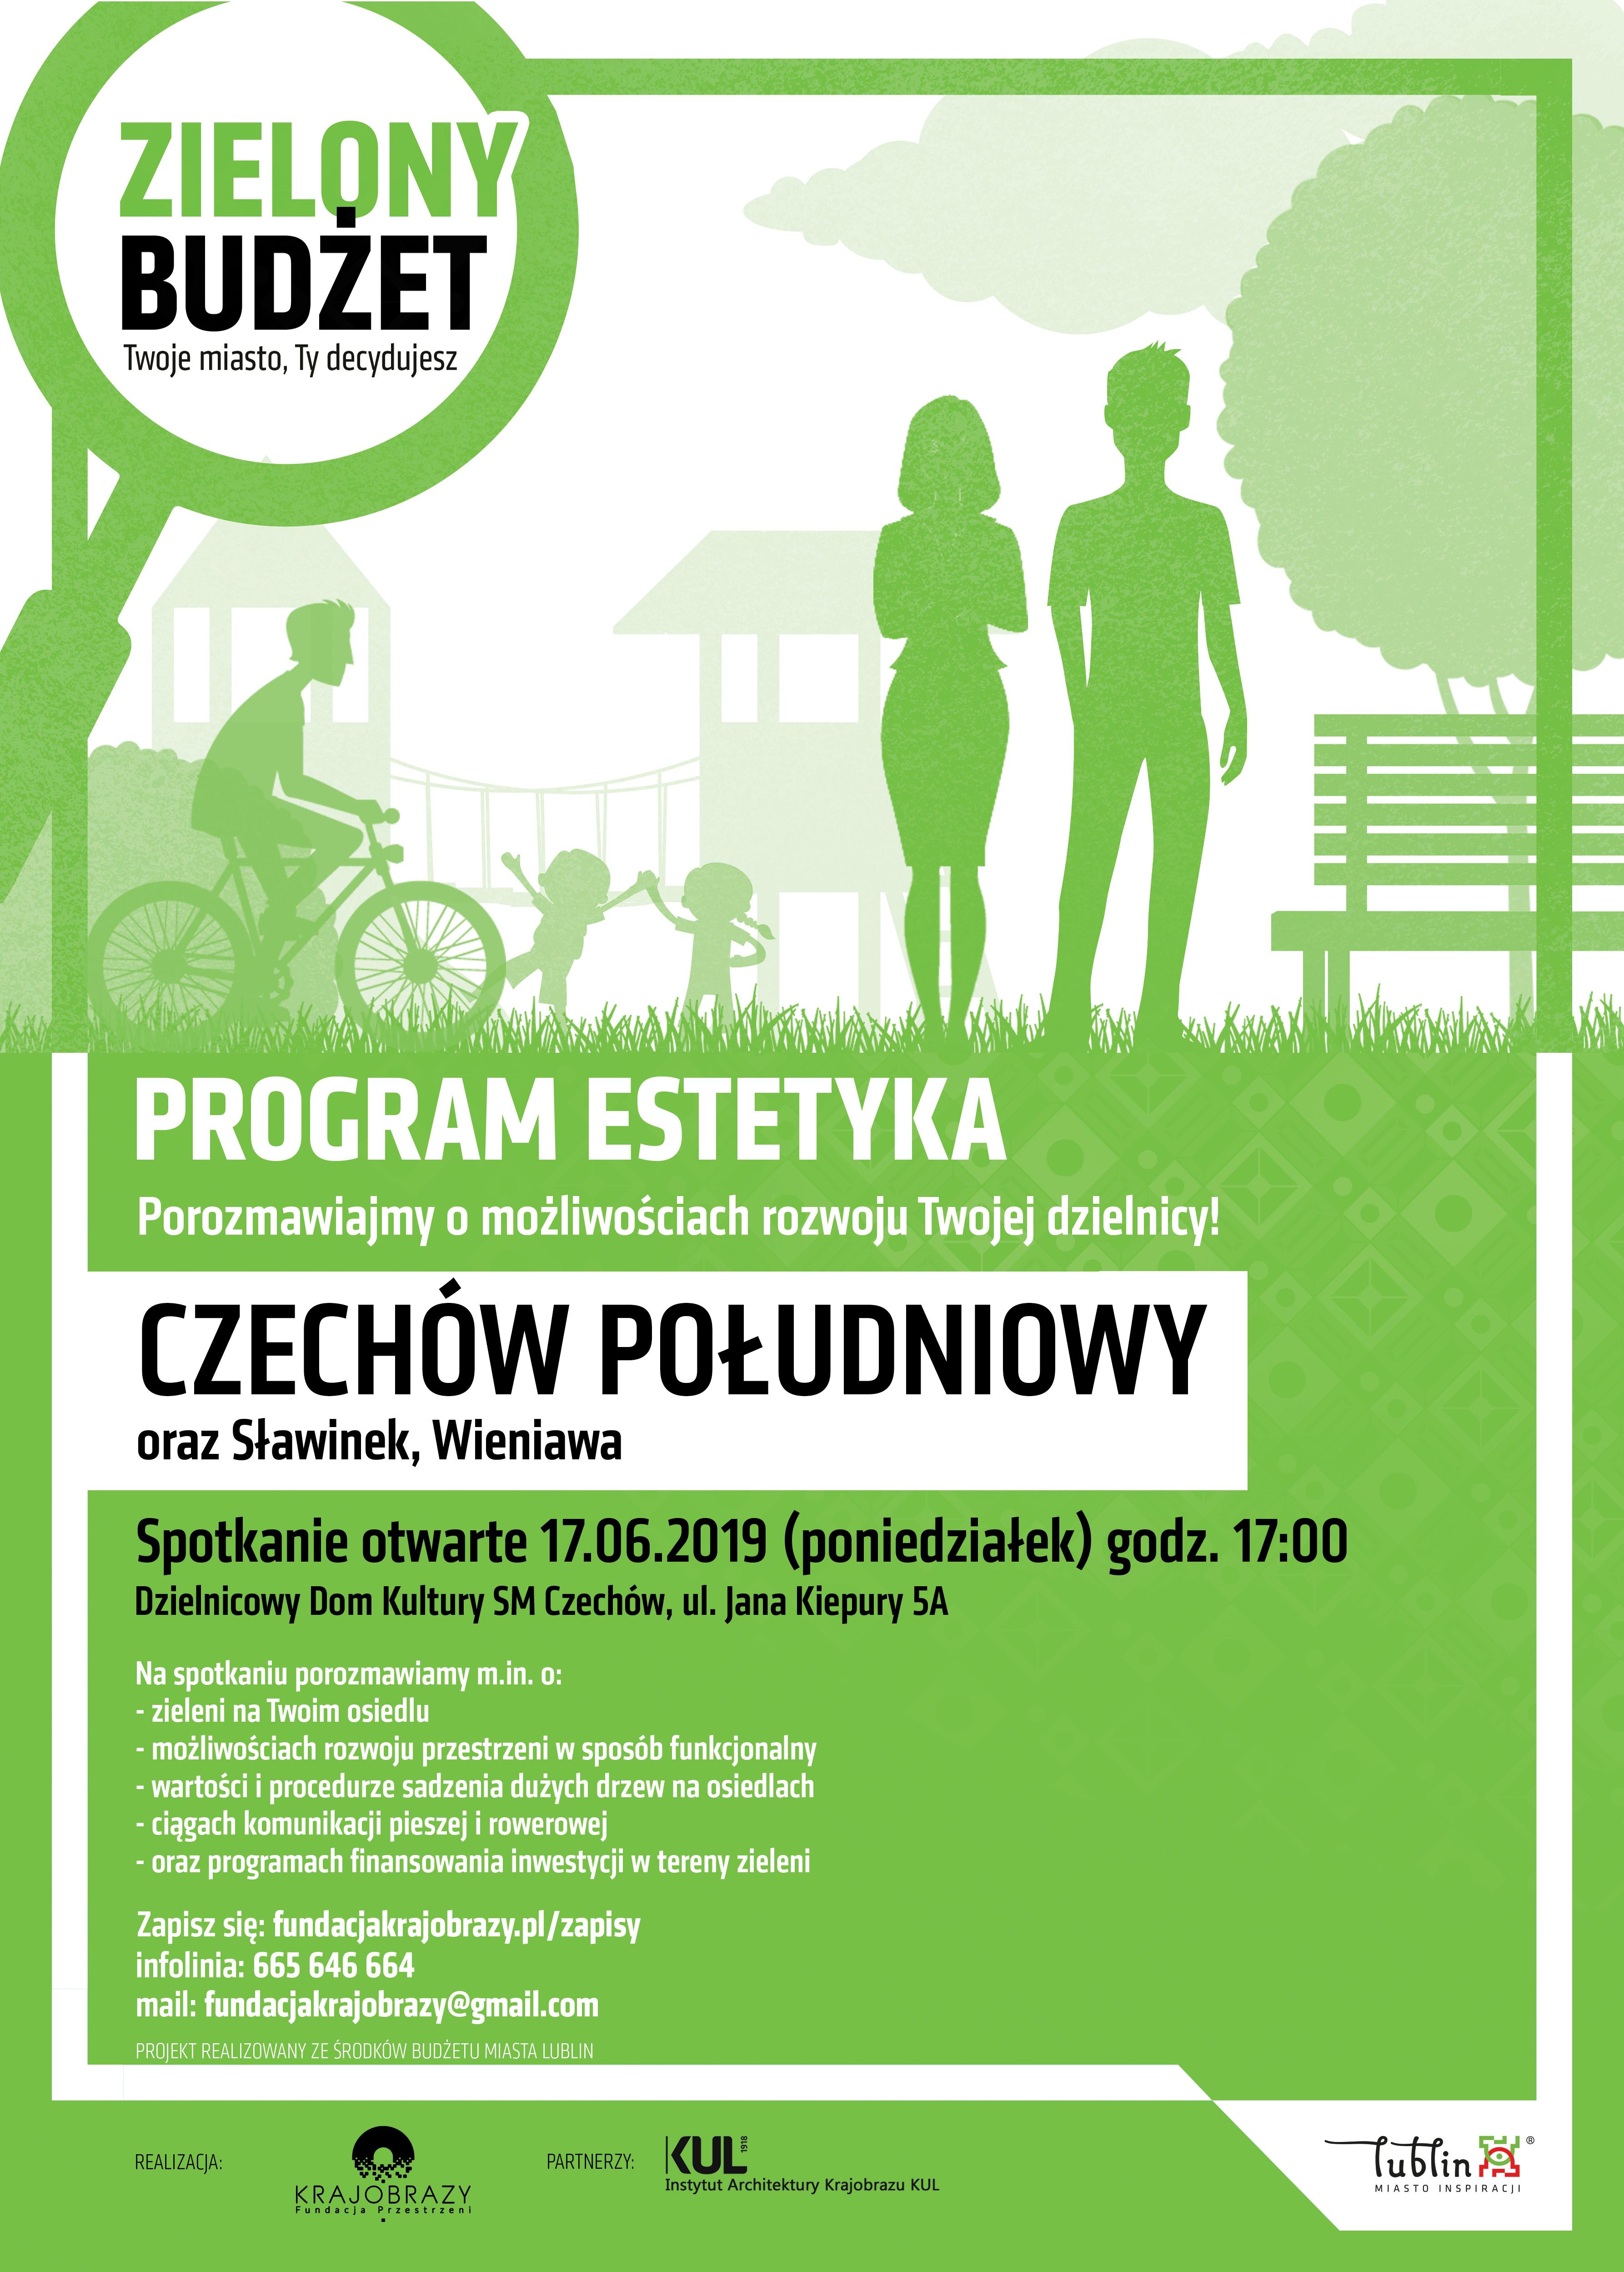 Program Estetyka. Porozmawiajmy omożliwościach rozwoju naszej dzielnicy